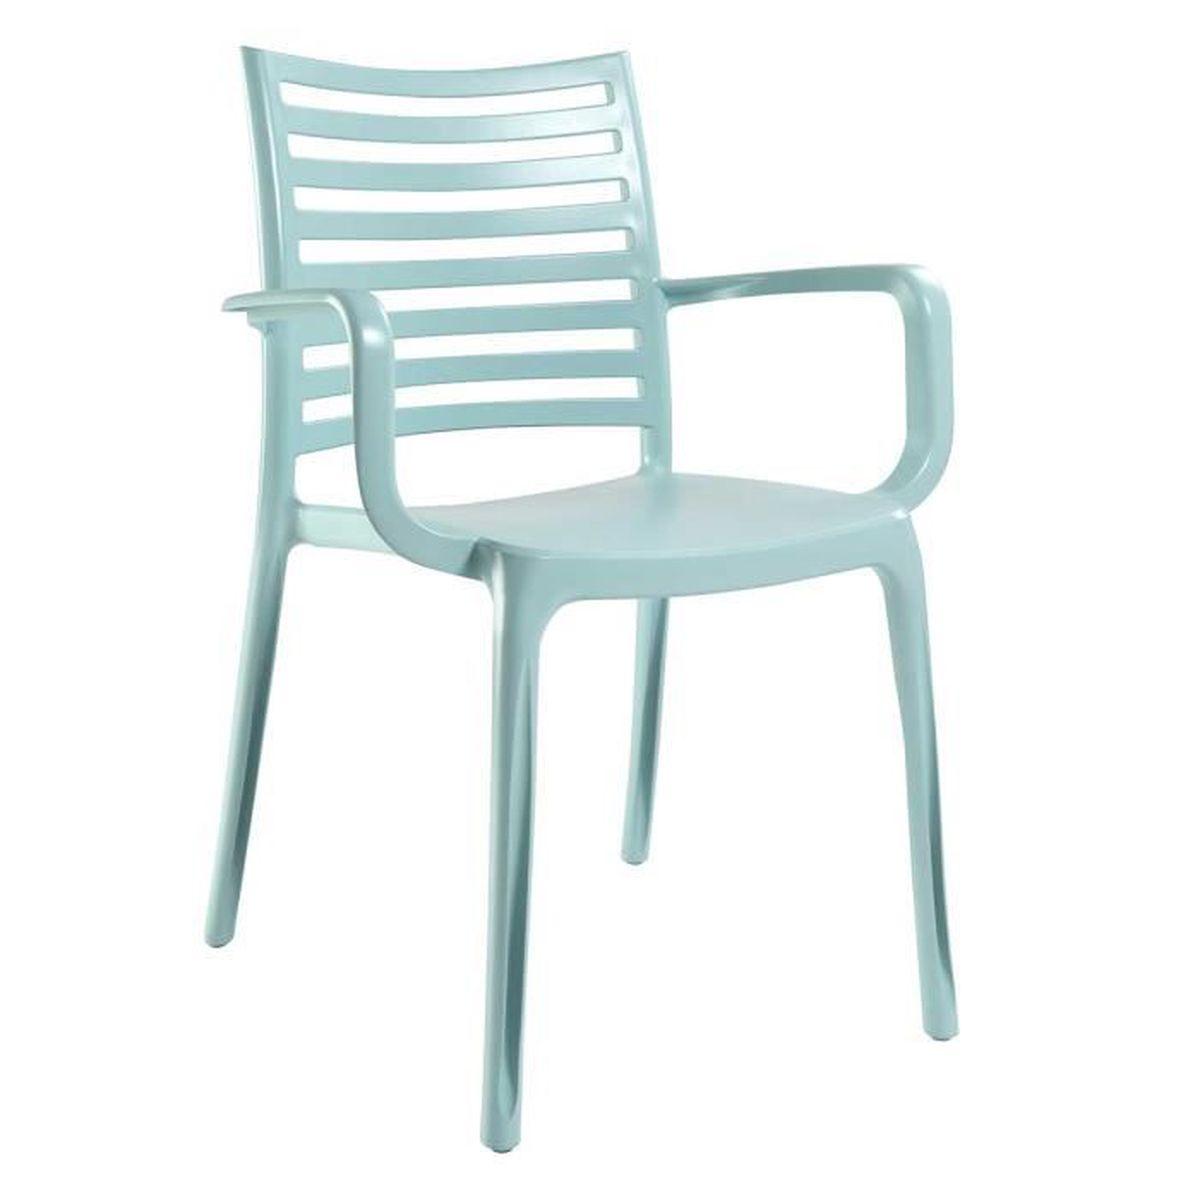 Fauteuil de jardin sunday menthe achat vente fauteuil jardin fauteuil de jardin sunday m for Fauteuil de jardin canadien